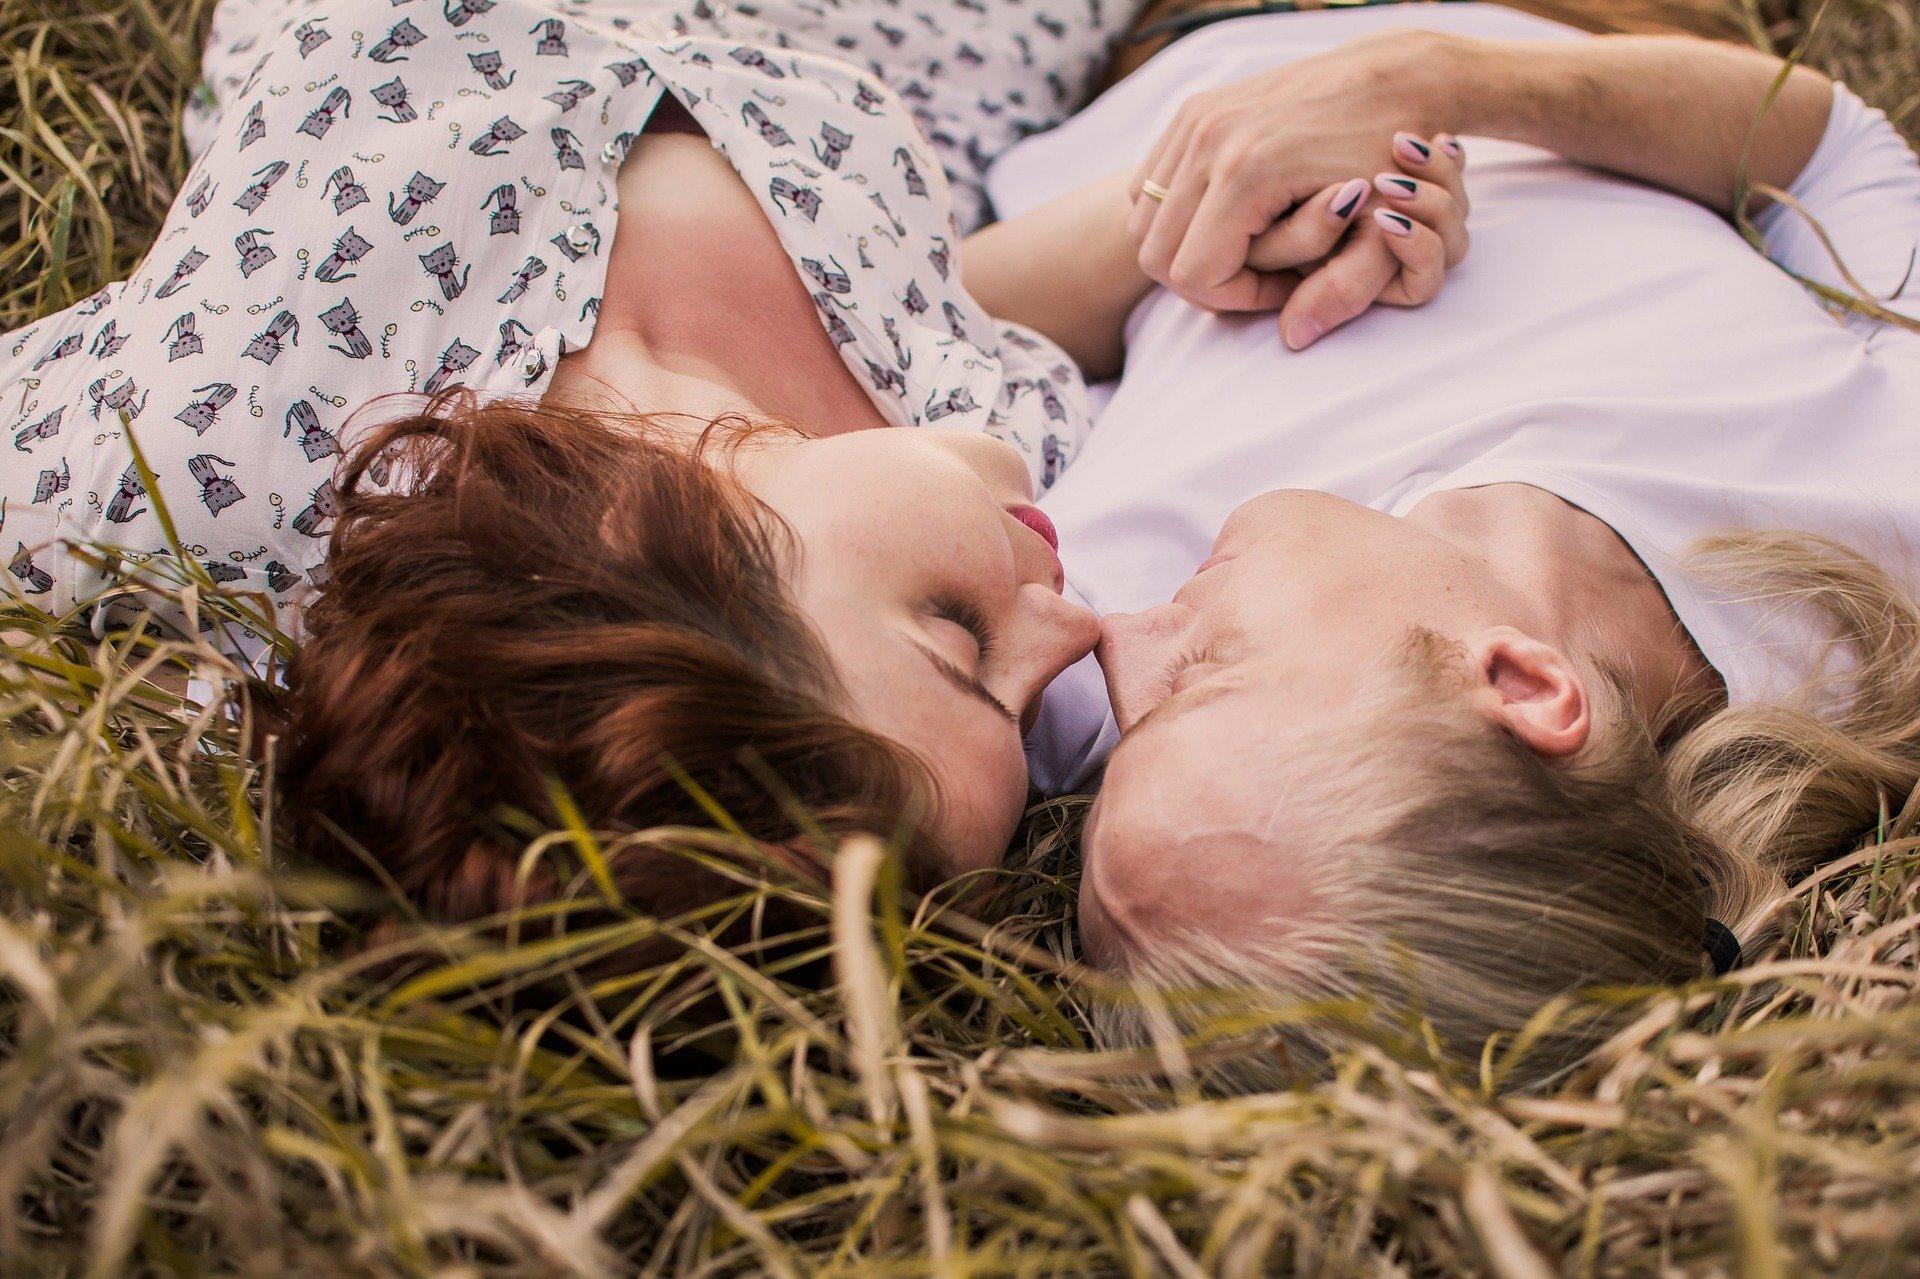 СМИ Австрии: Исследования показывают, что мужчины влюбляются быстрее